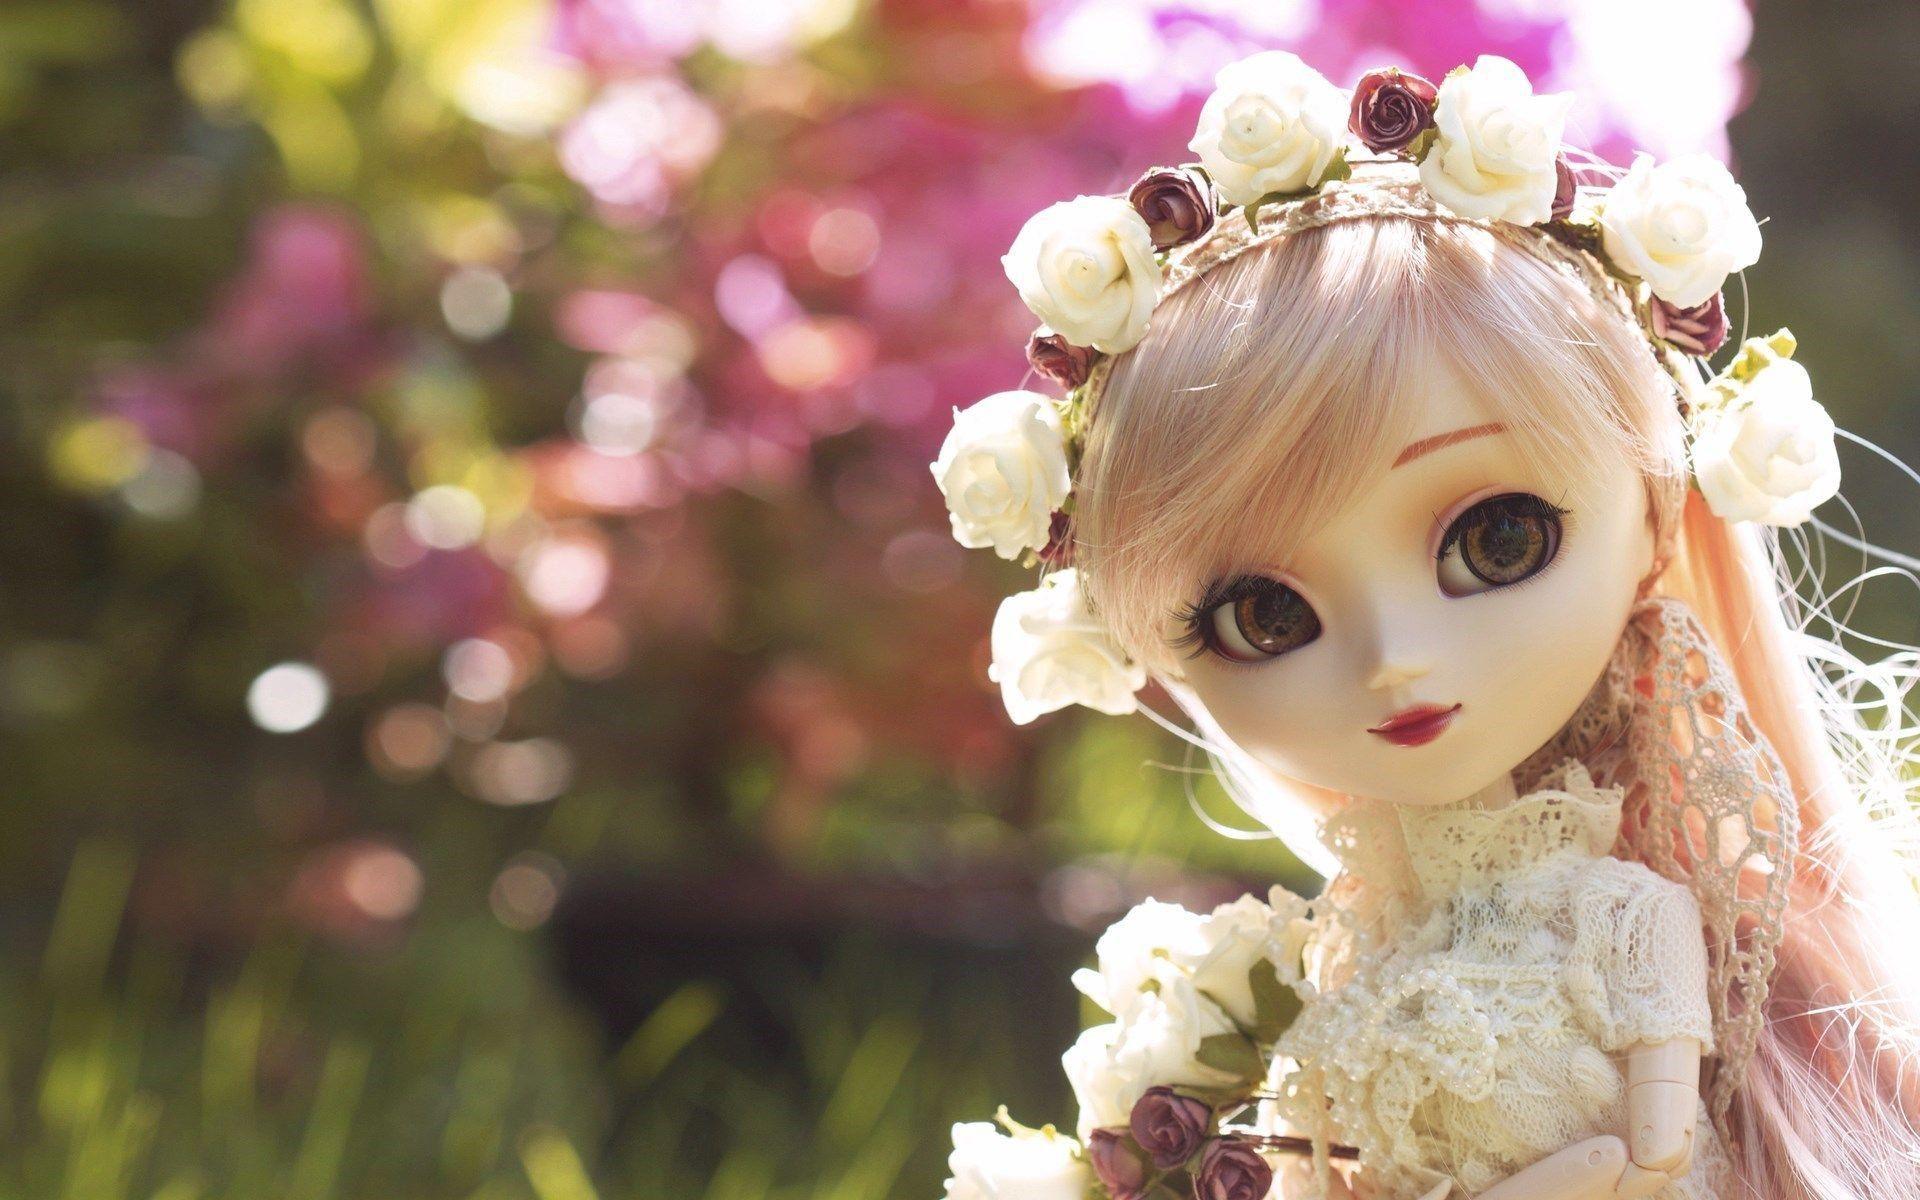 Cute Barbie Pic Hd Doll Wallpaper Cute Barbie Wedding Doll Cute wallpaper new barbie doll